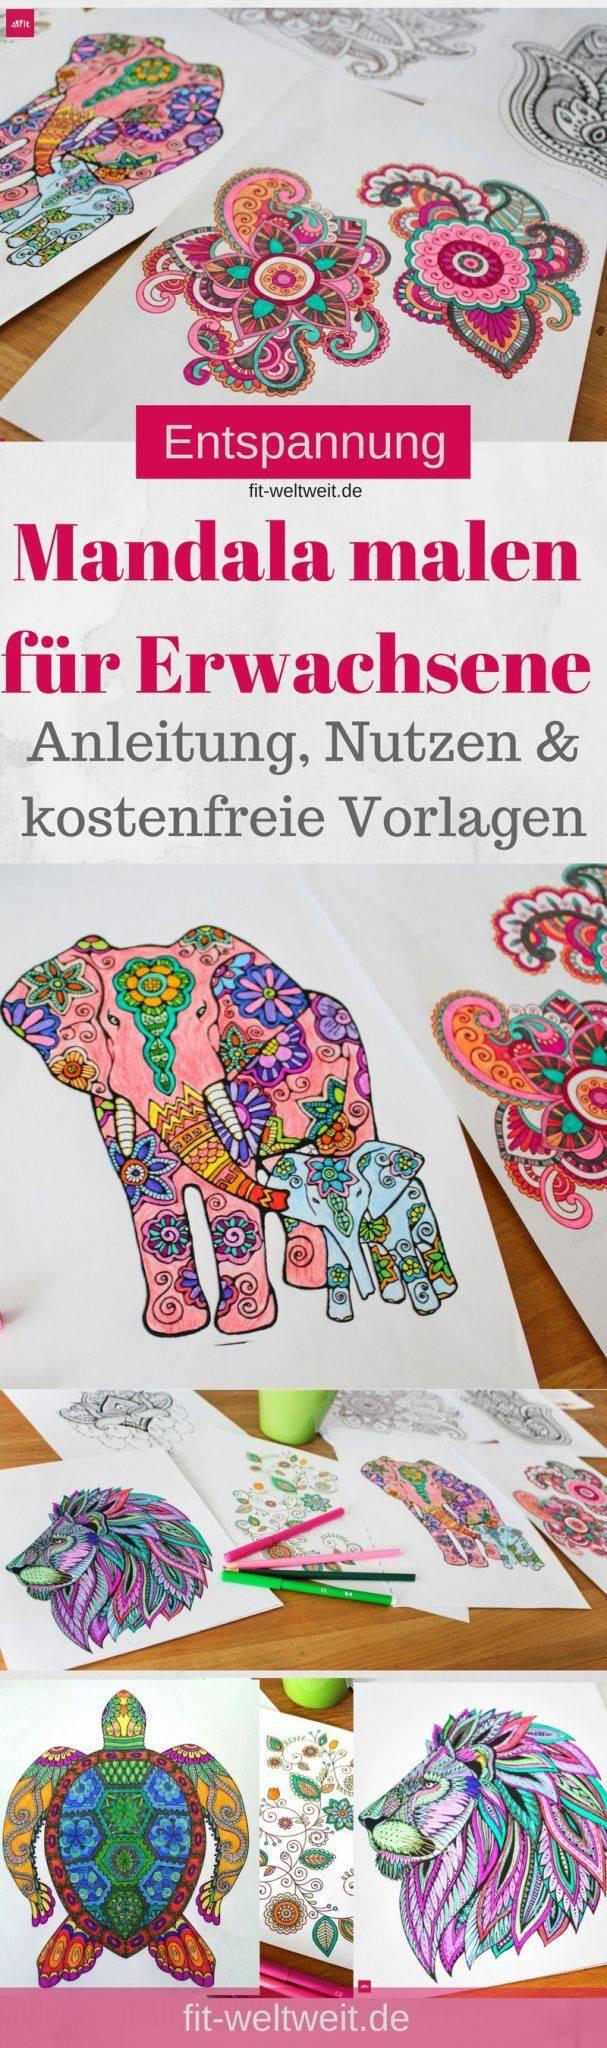 Ausmalbilder Malen Nach Zahlen Das Beste Von Malen Nach Zahlen Vorlage Erstellen Bayern Ausmalbilder Frisch Igel Bilder